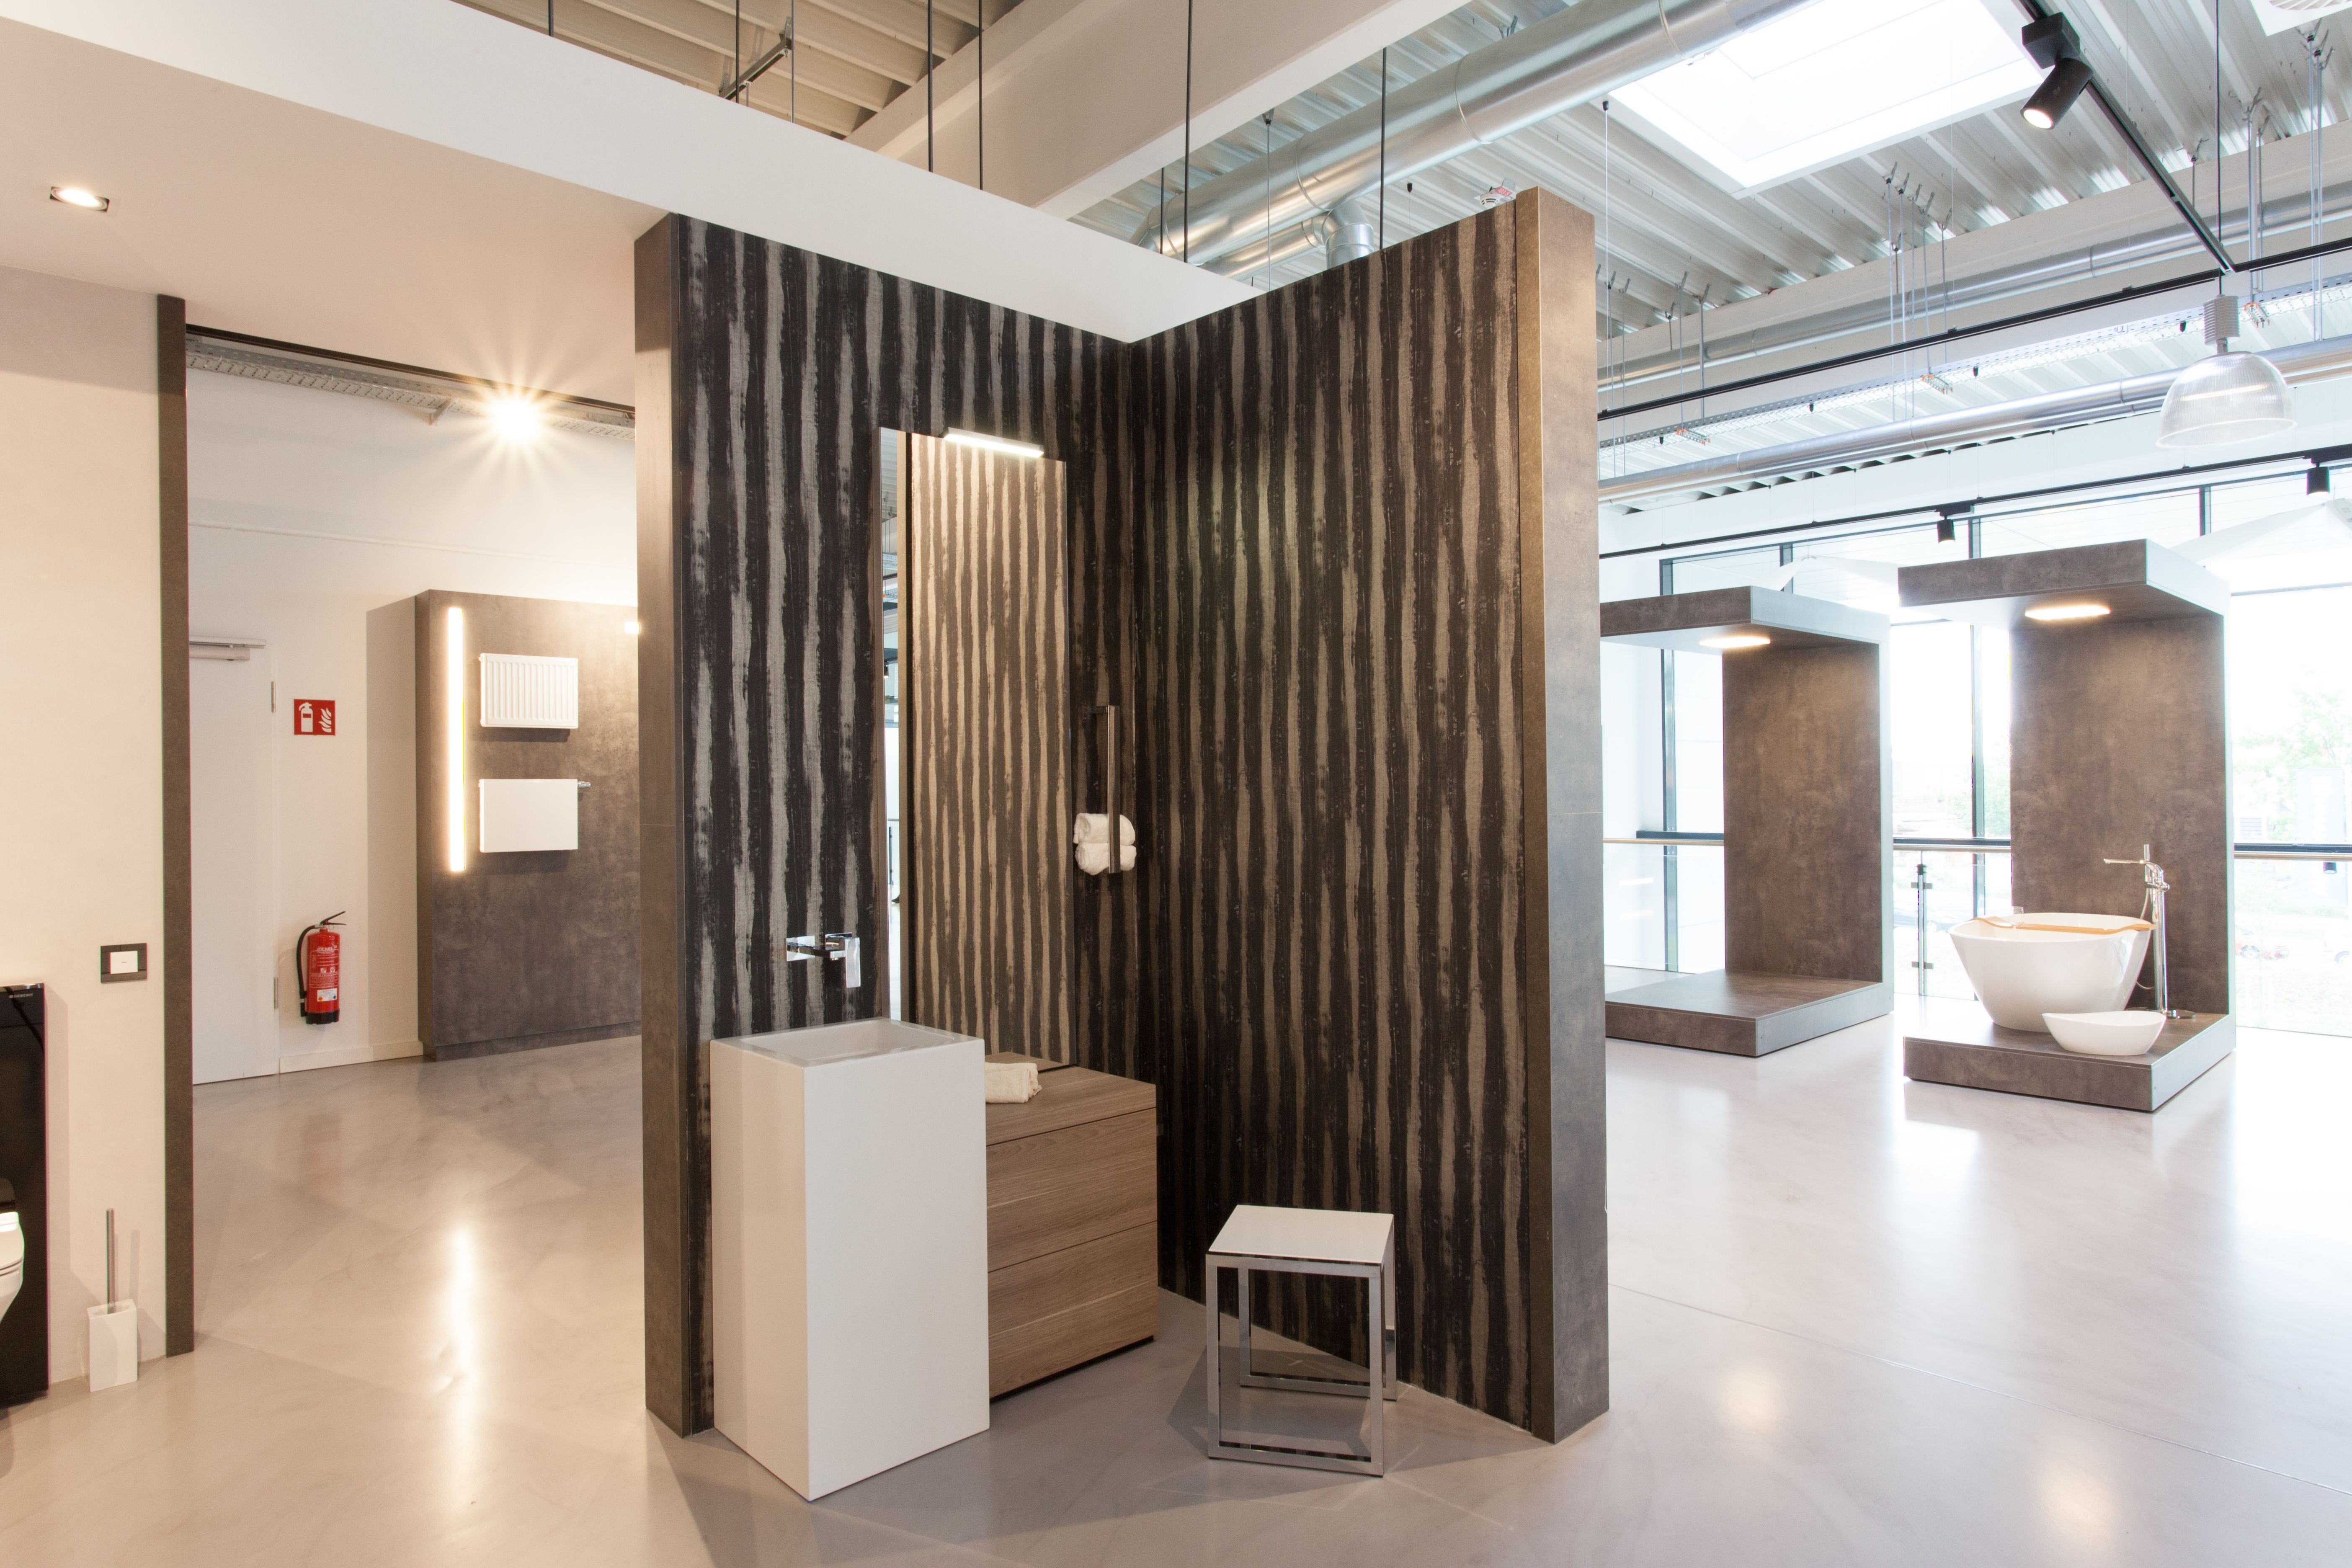 Badausstellung Hannover baden in hannover bad ausstellung wiedemann projekt